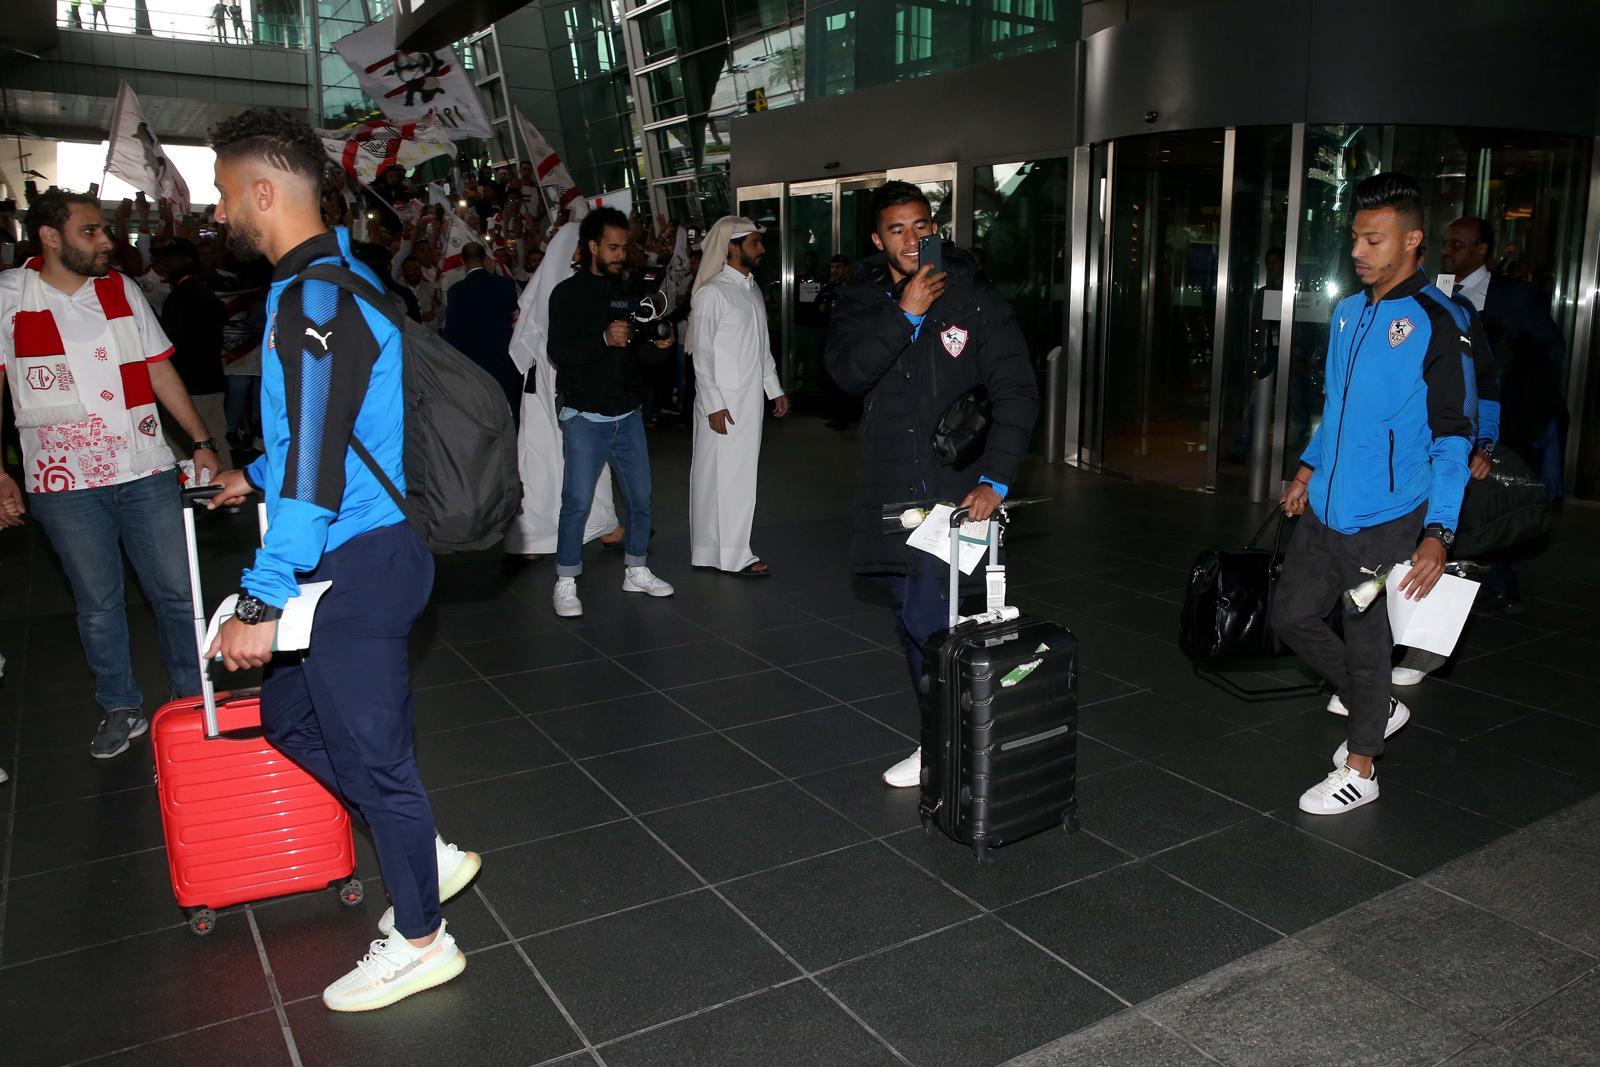 لاعبو الزمالك يلتقطون صورا لاستقبال الجماهير لهم في قطر